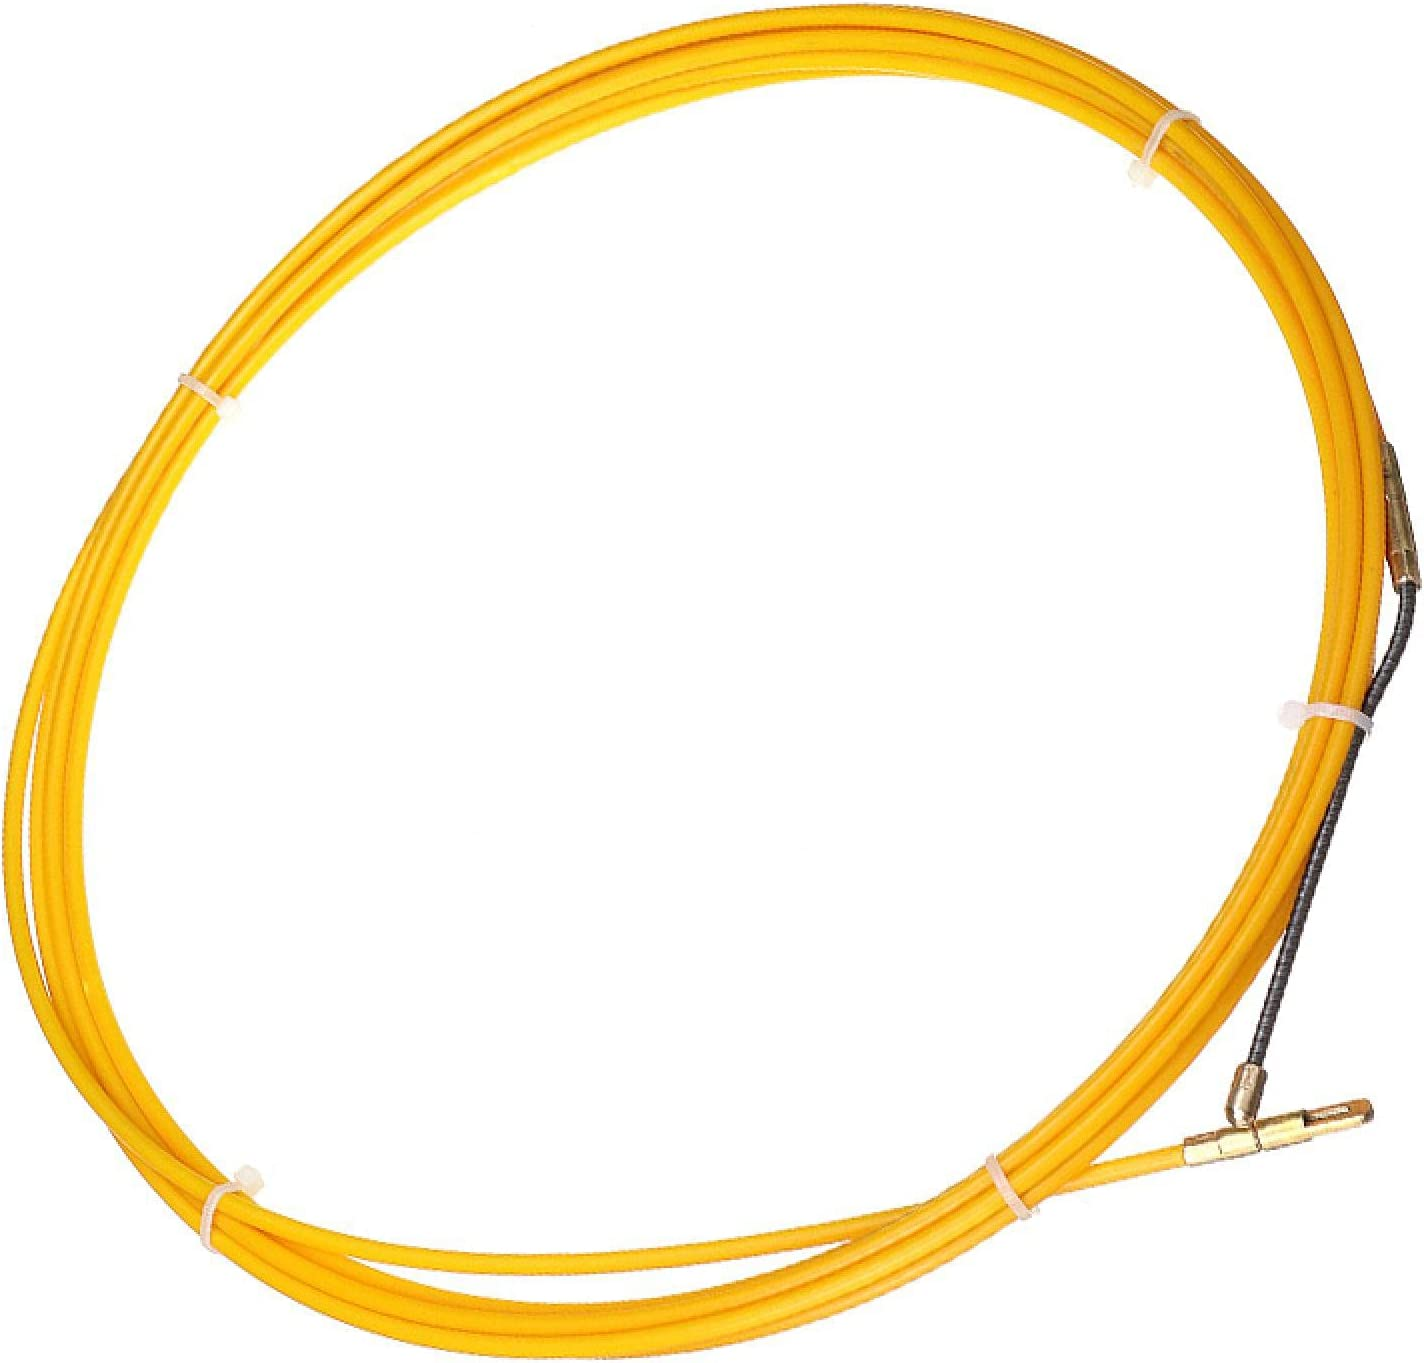 Extractor Cables 5M/10M/15M/20M/25M/30M 4 Mm Diámetro Extractor Cable Fibra Vidrio,Carrete Cinta Pescado,Conducto,Varilla Conducción,Dispositivo Guía Extractor Tracción 30M